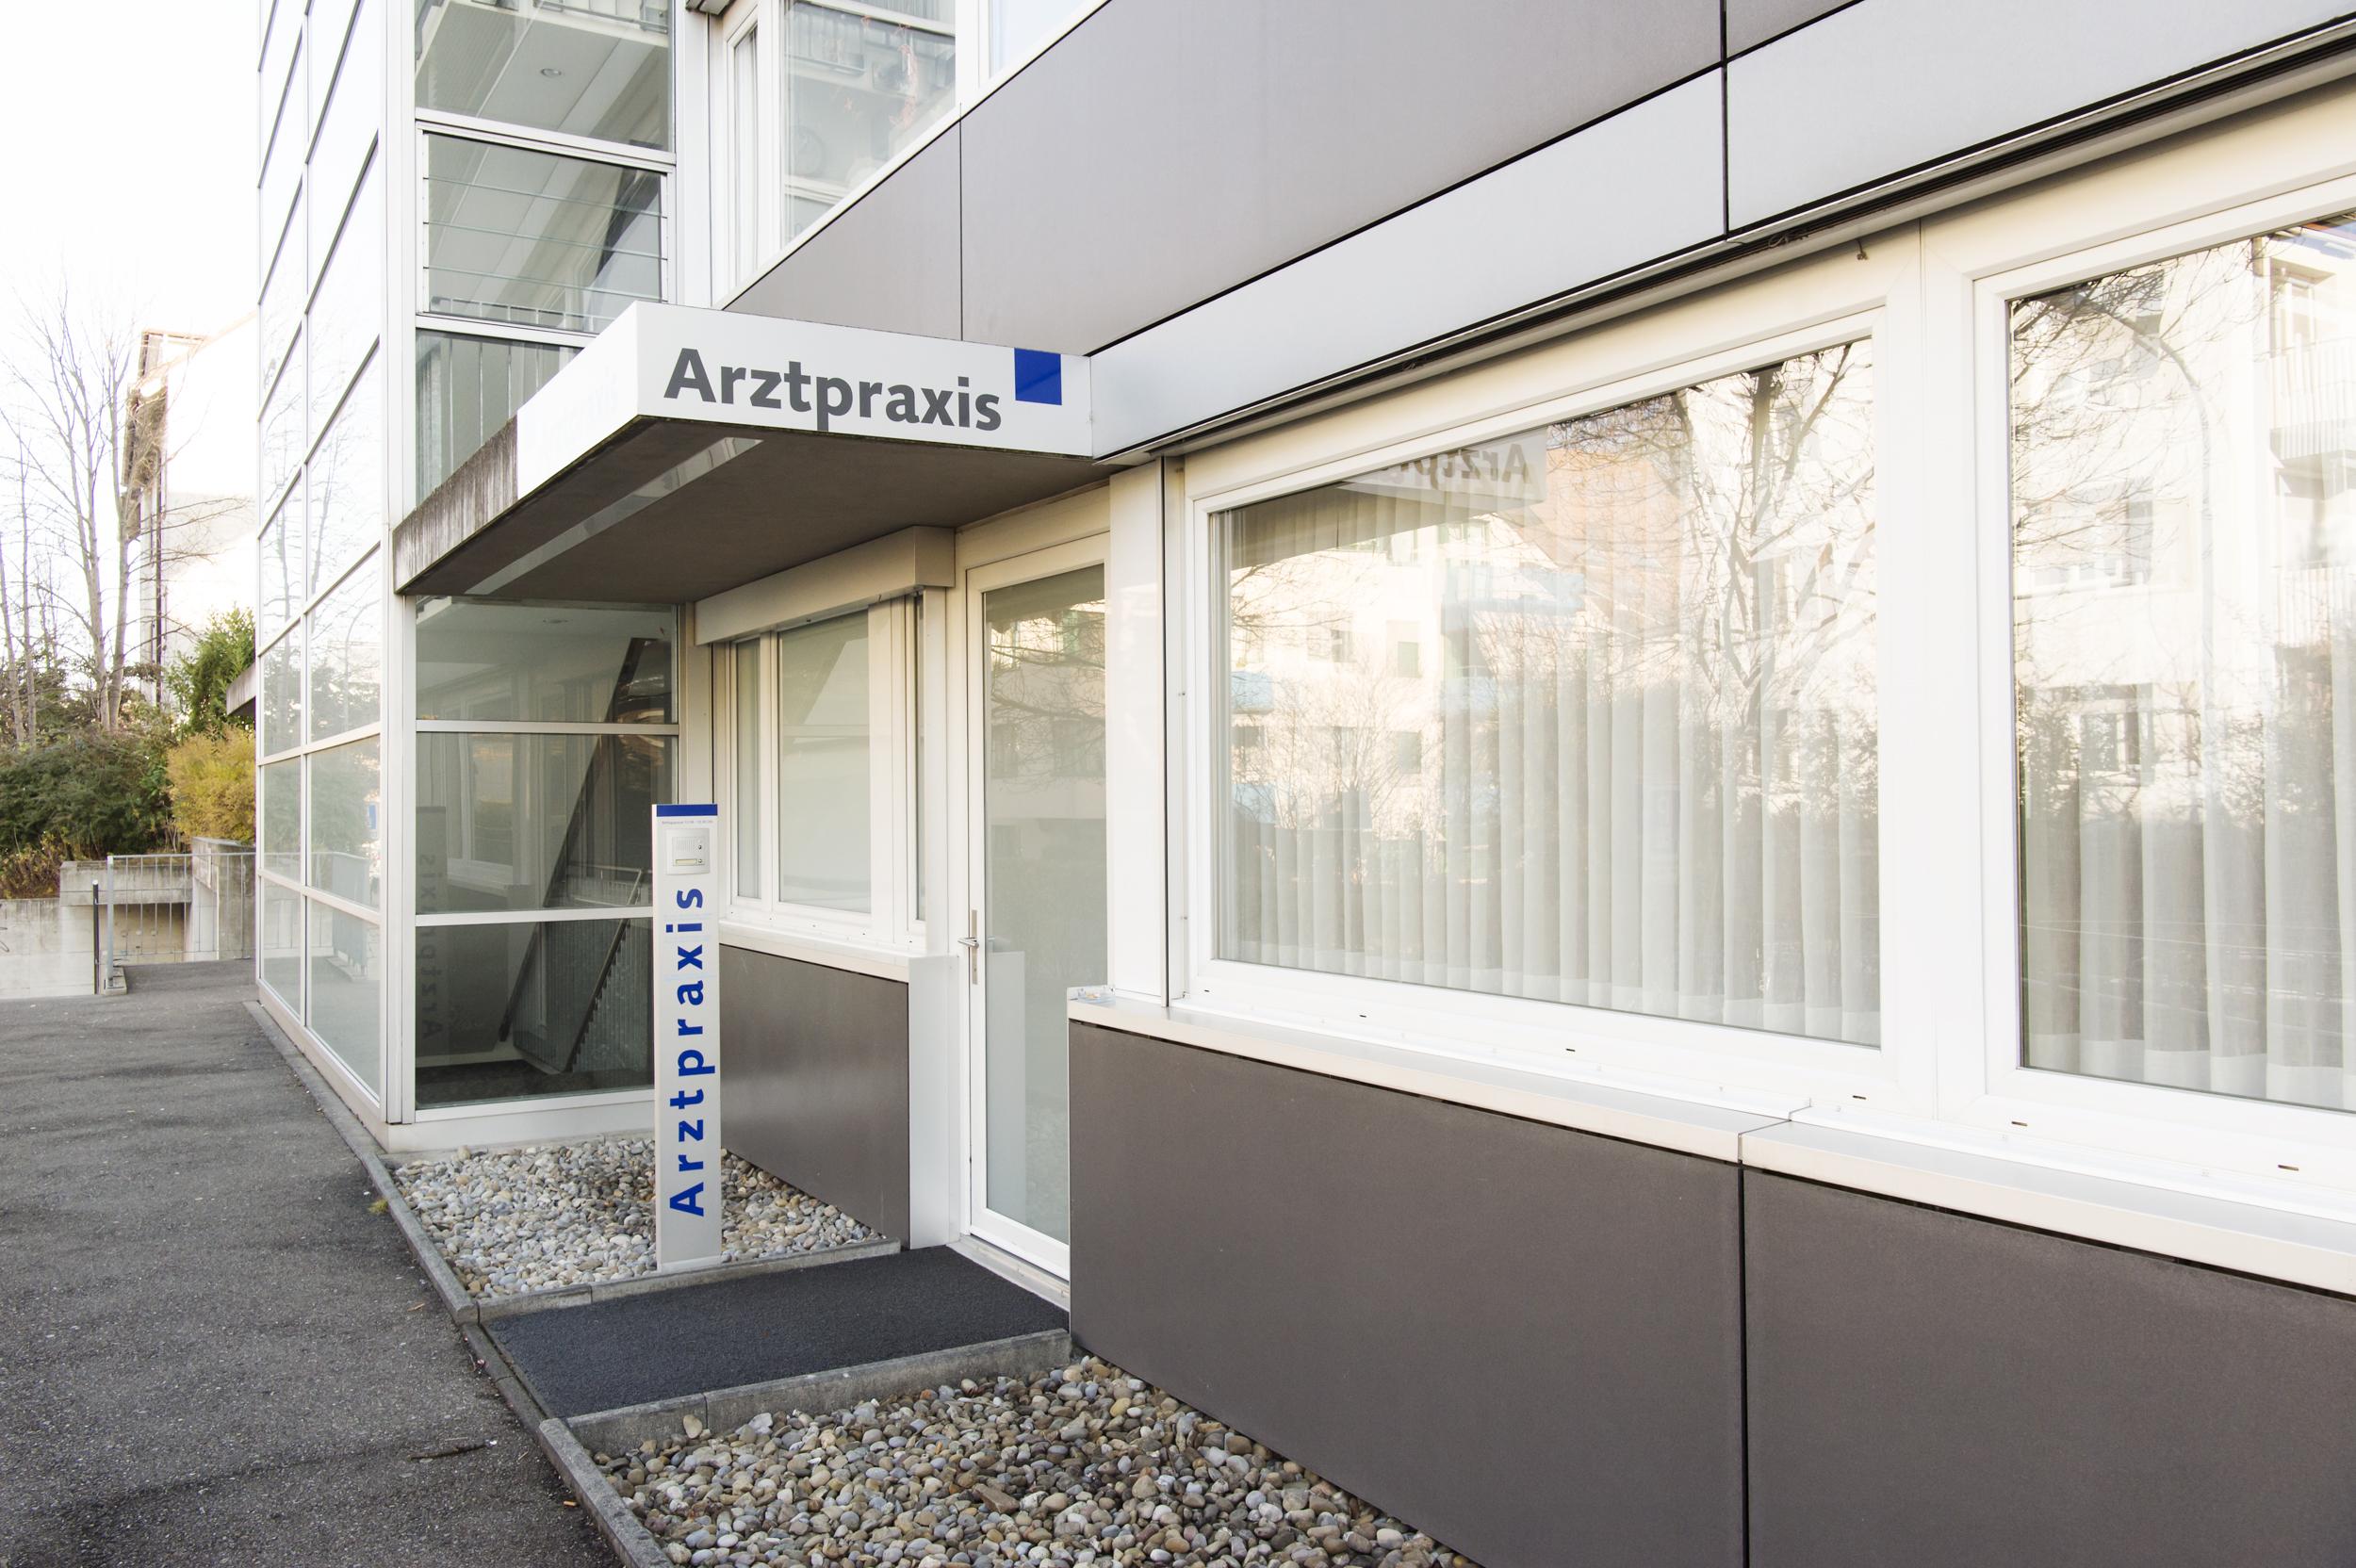 Die Arztpraxis Kreis 9 von Aussen. Dennlerstrasse 25 in Zürich Albisrieden.